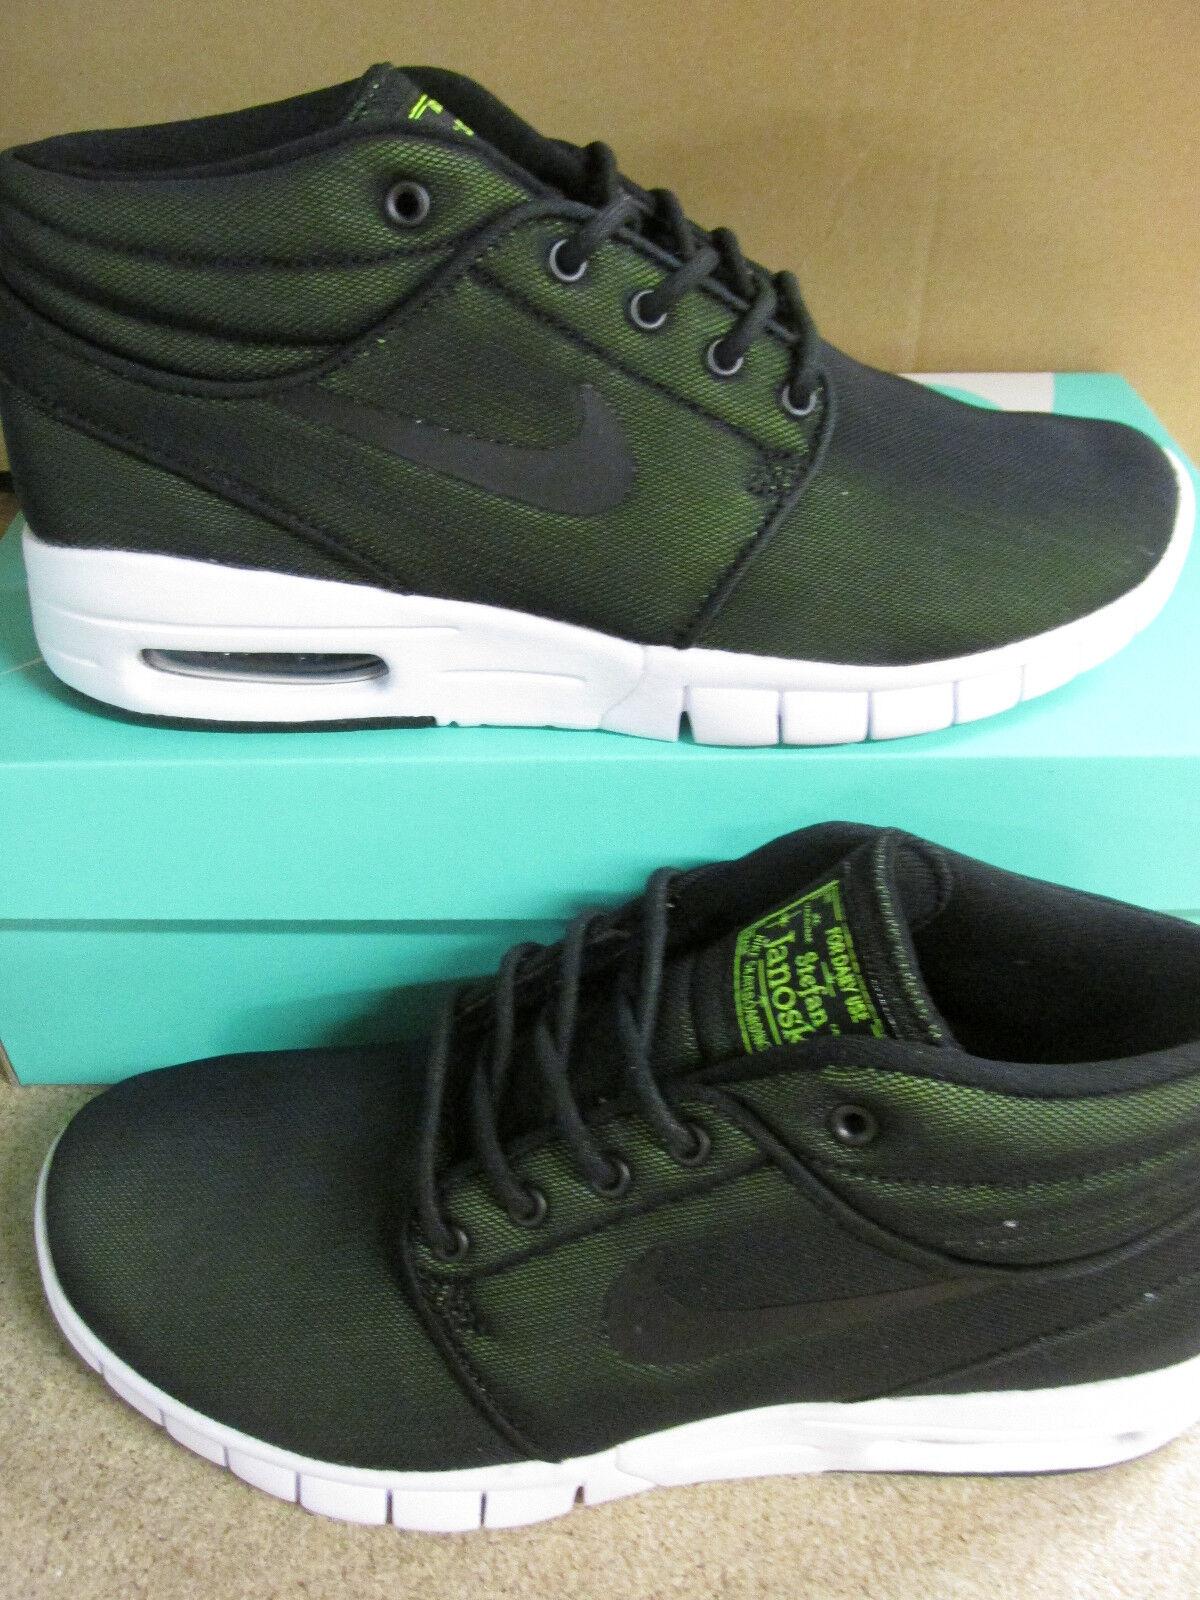 Nike SB Stefan Janoski Max Zapatillas para hombre Zapatos medio 807507 007 Tenis Zapatos hombre 4cb8d4